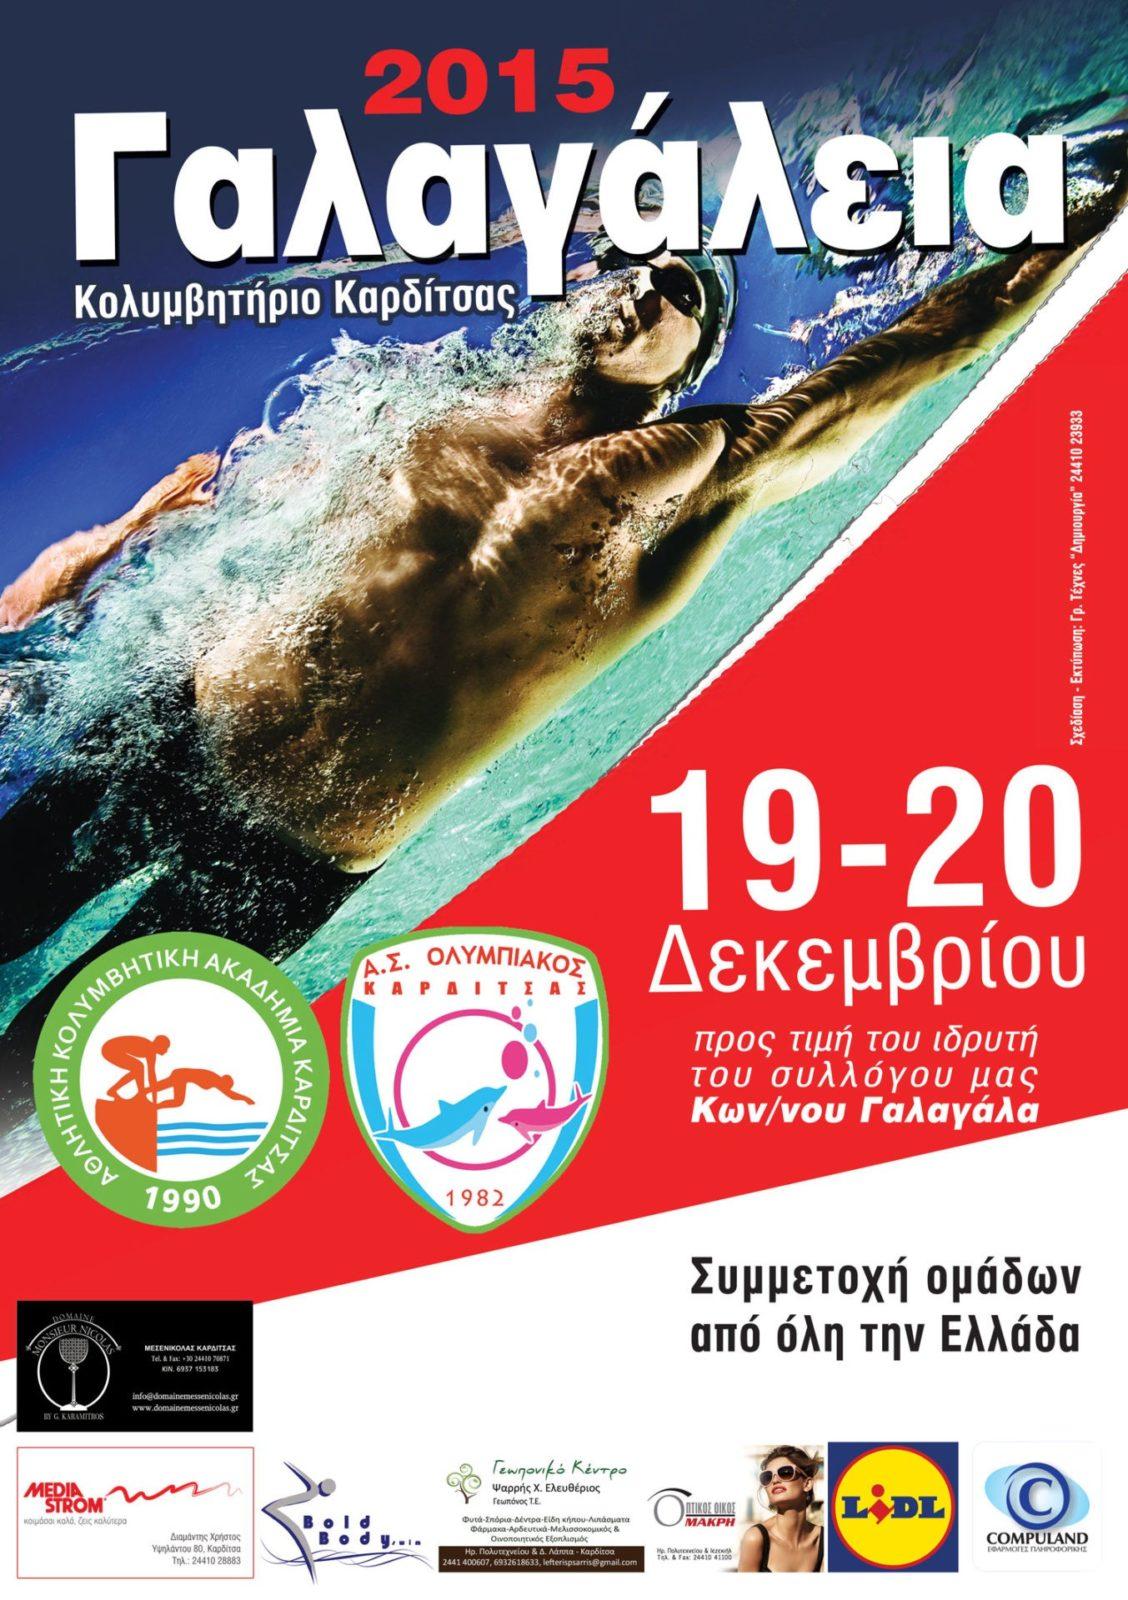 Αφίσα «ΓΑΛΑΓΑΛΕΙΑ 2015»